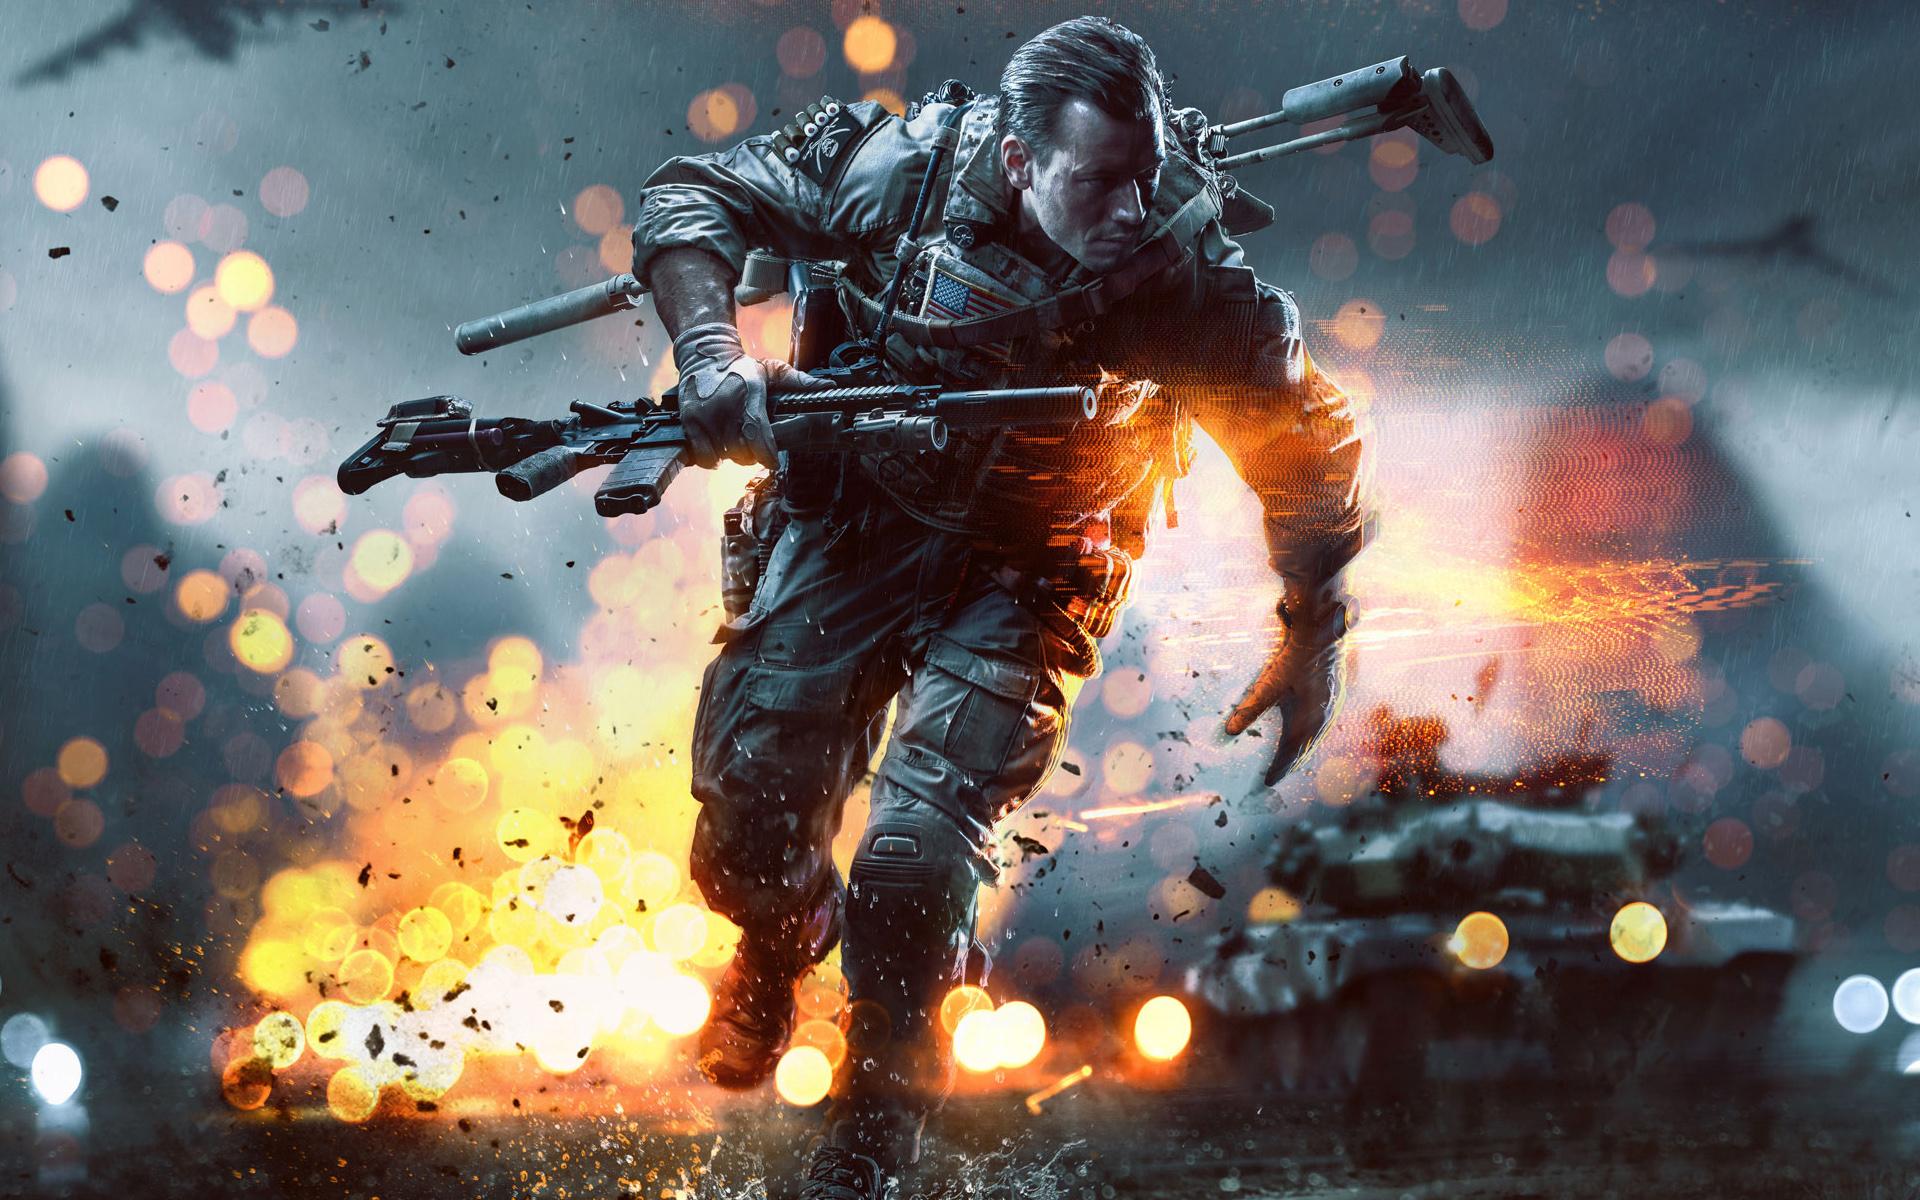 Battlefield 4 tuvo buenas críticas, a pesar de los problemas y errores presentados en las versiones para consolas y PC